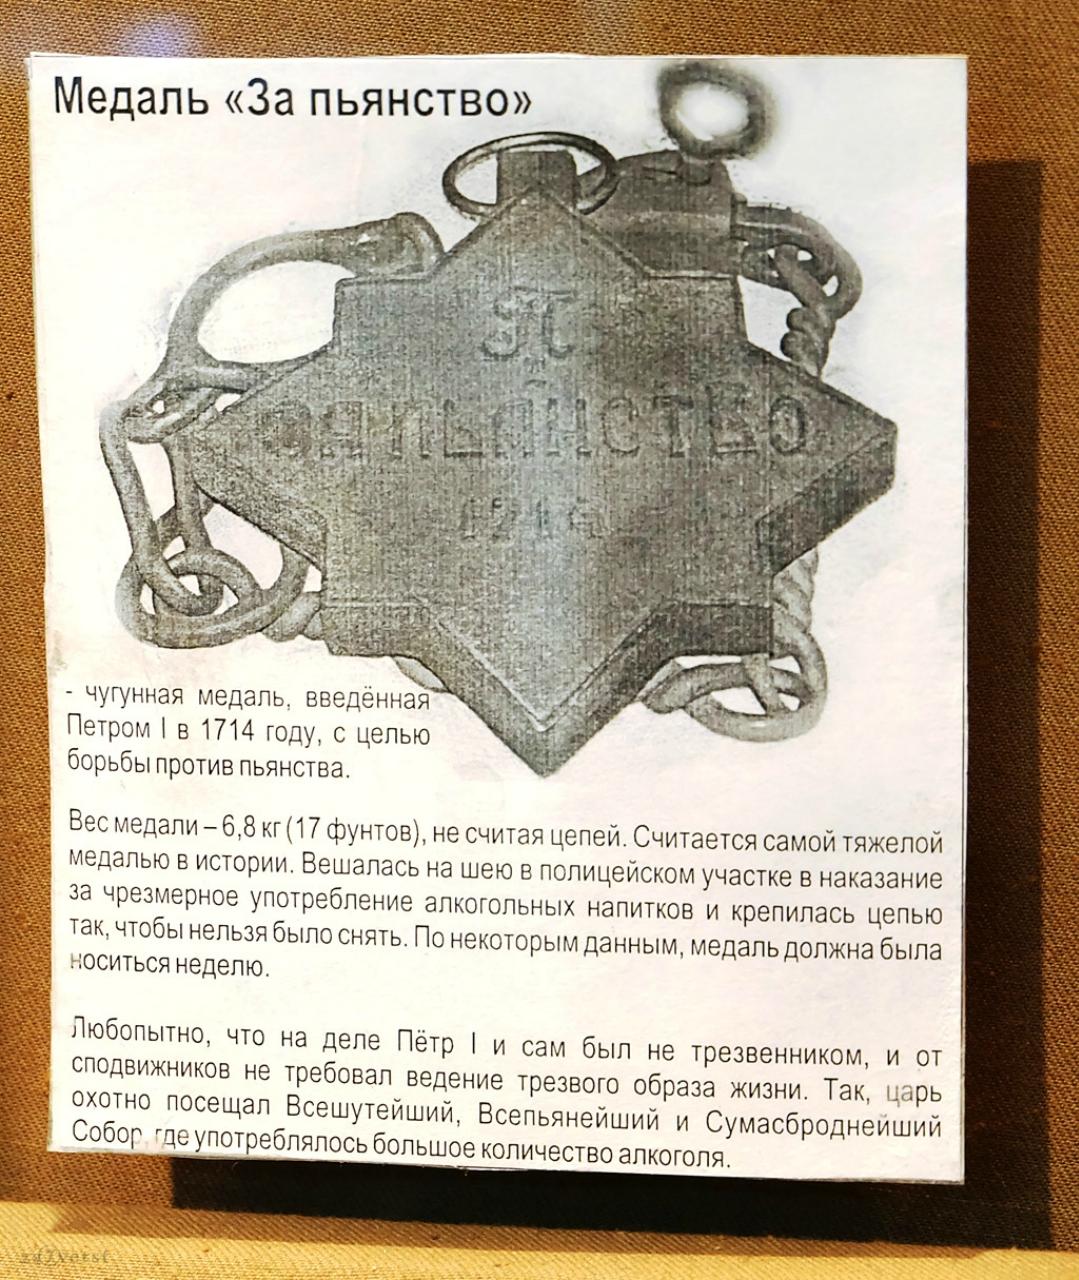 """Домик Петра в Вологде, музей, текст о медали """"За пьянство"""""""